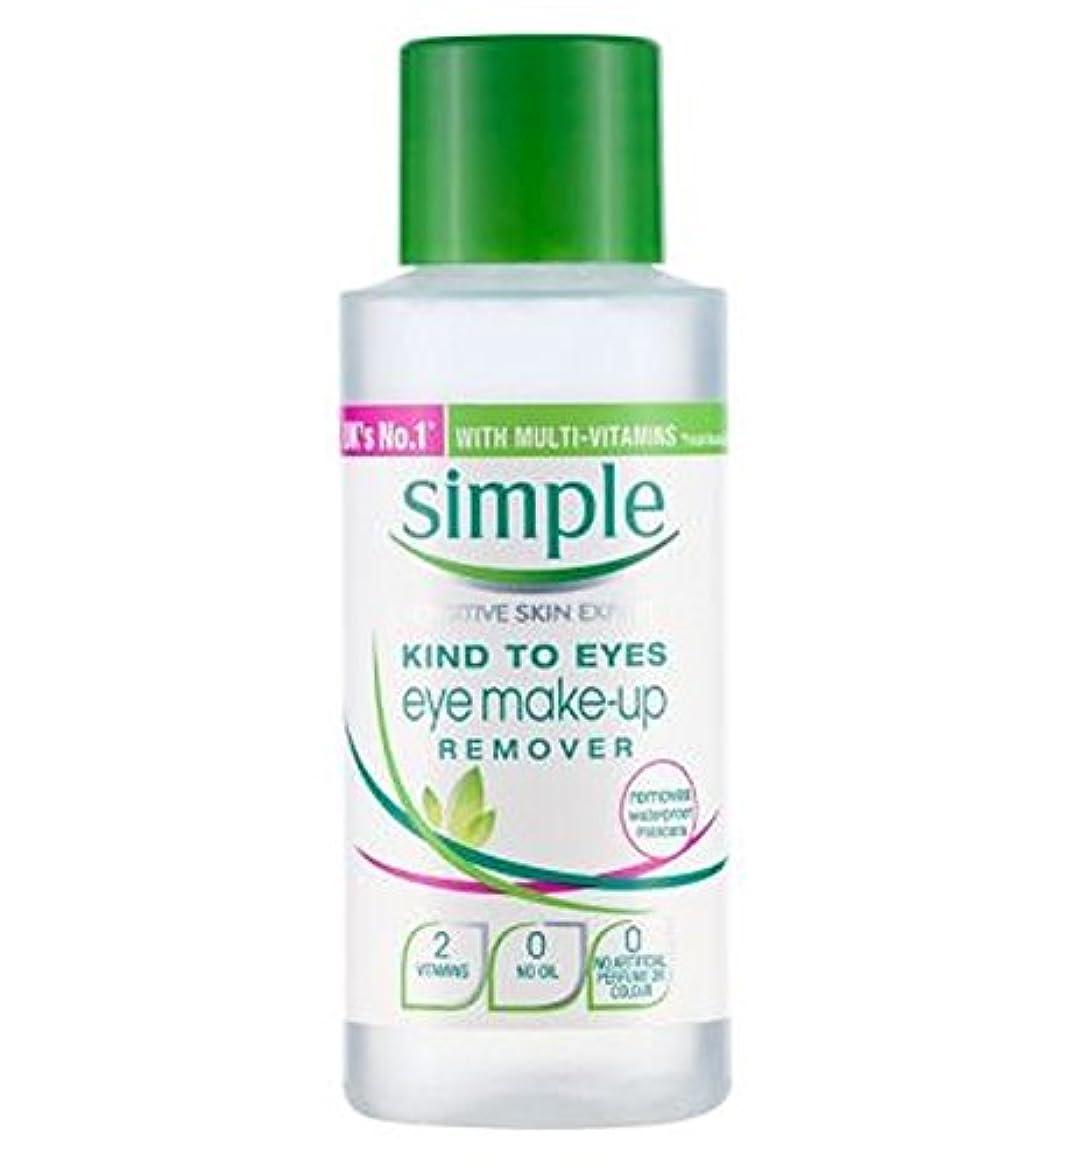 幸運なことにパリティ言うSimple Kind to Eyes Eye Make-Up Remover 50ml - 目のアイメイクアップリムーバーの50ミリリットルへの単純な種類 (Simple) [並行輸入品]